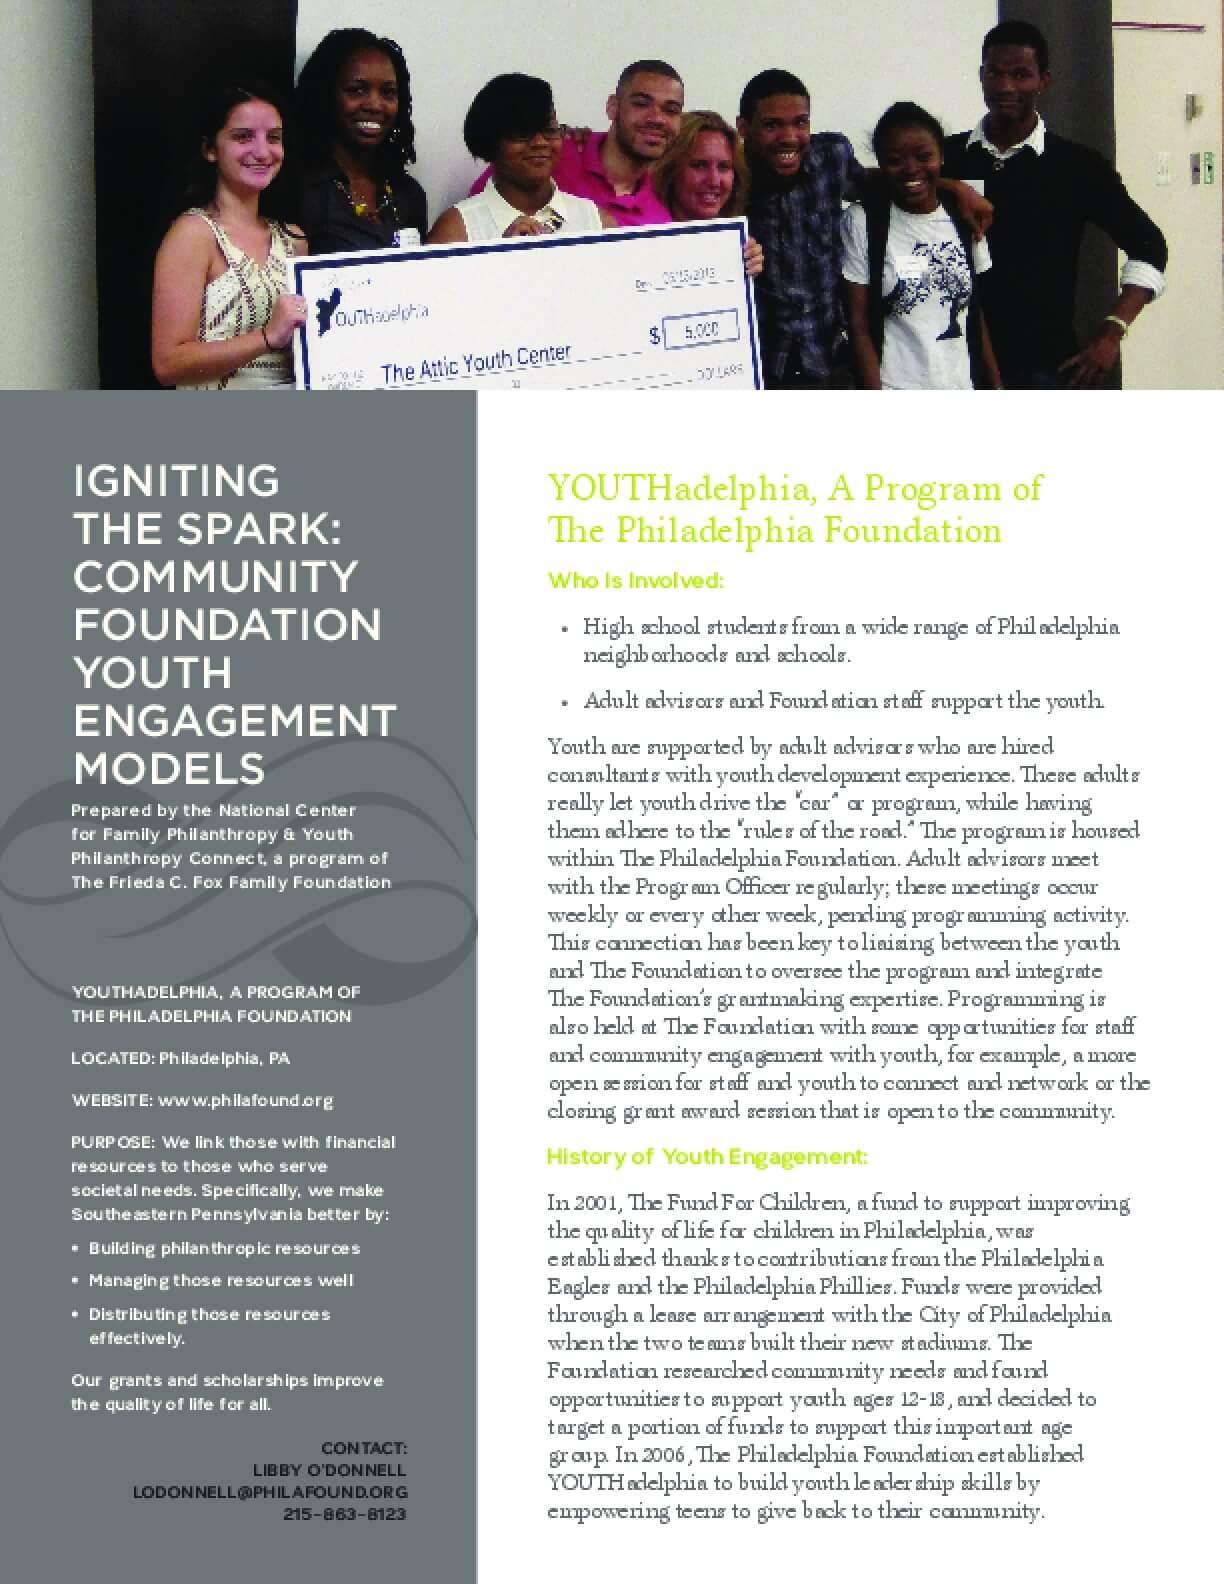 Igniting the Spark: Community Foundation Youth Engagement Models, YOUTHadelphia